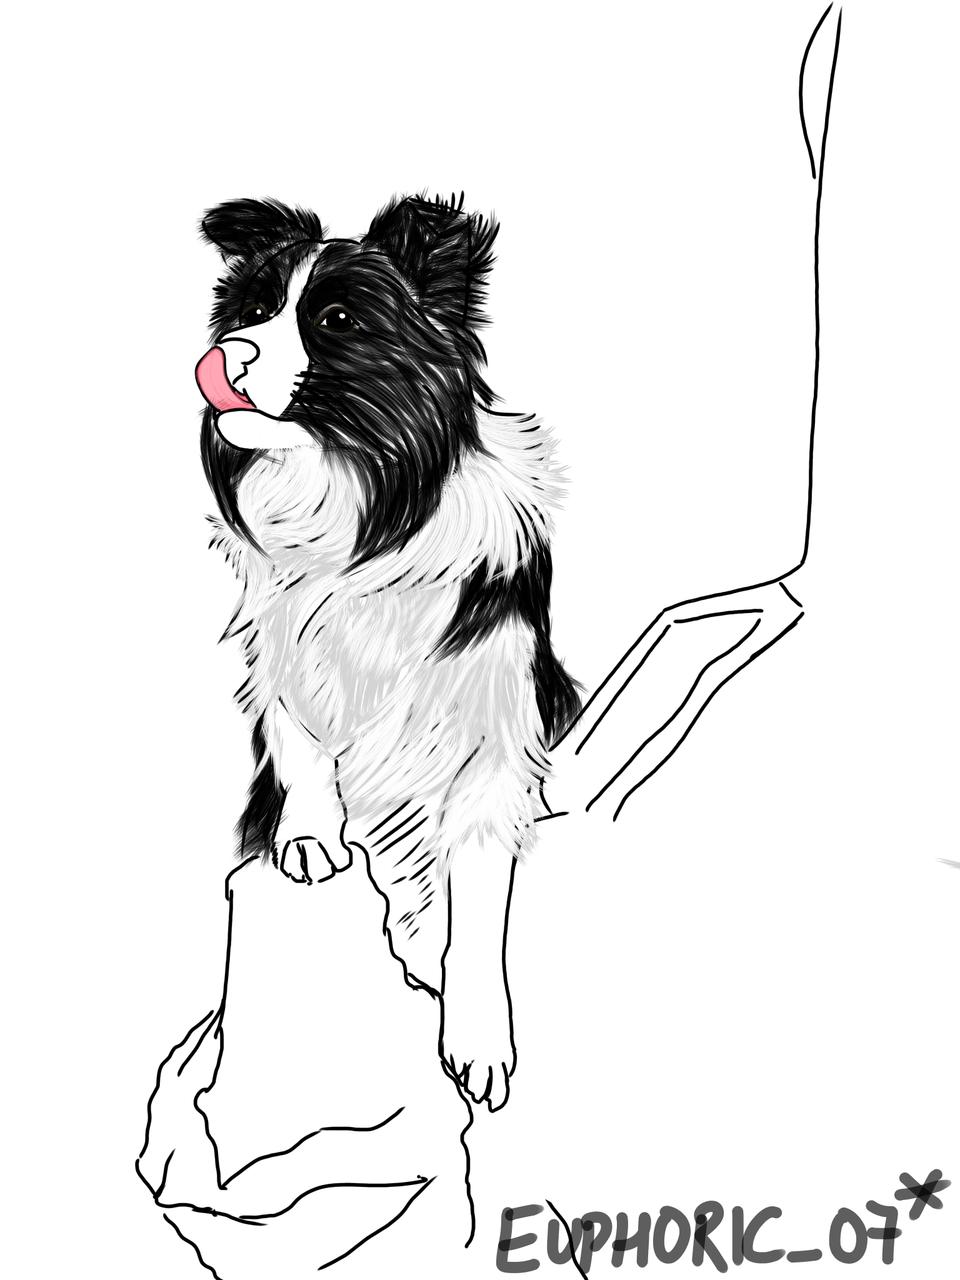 Dog <3!! Illust of Euphoric_07* medibangpaint 1hDrawingChallenge